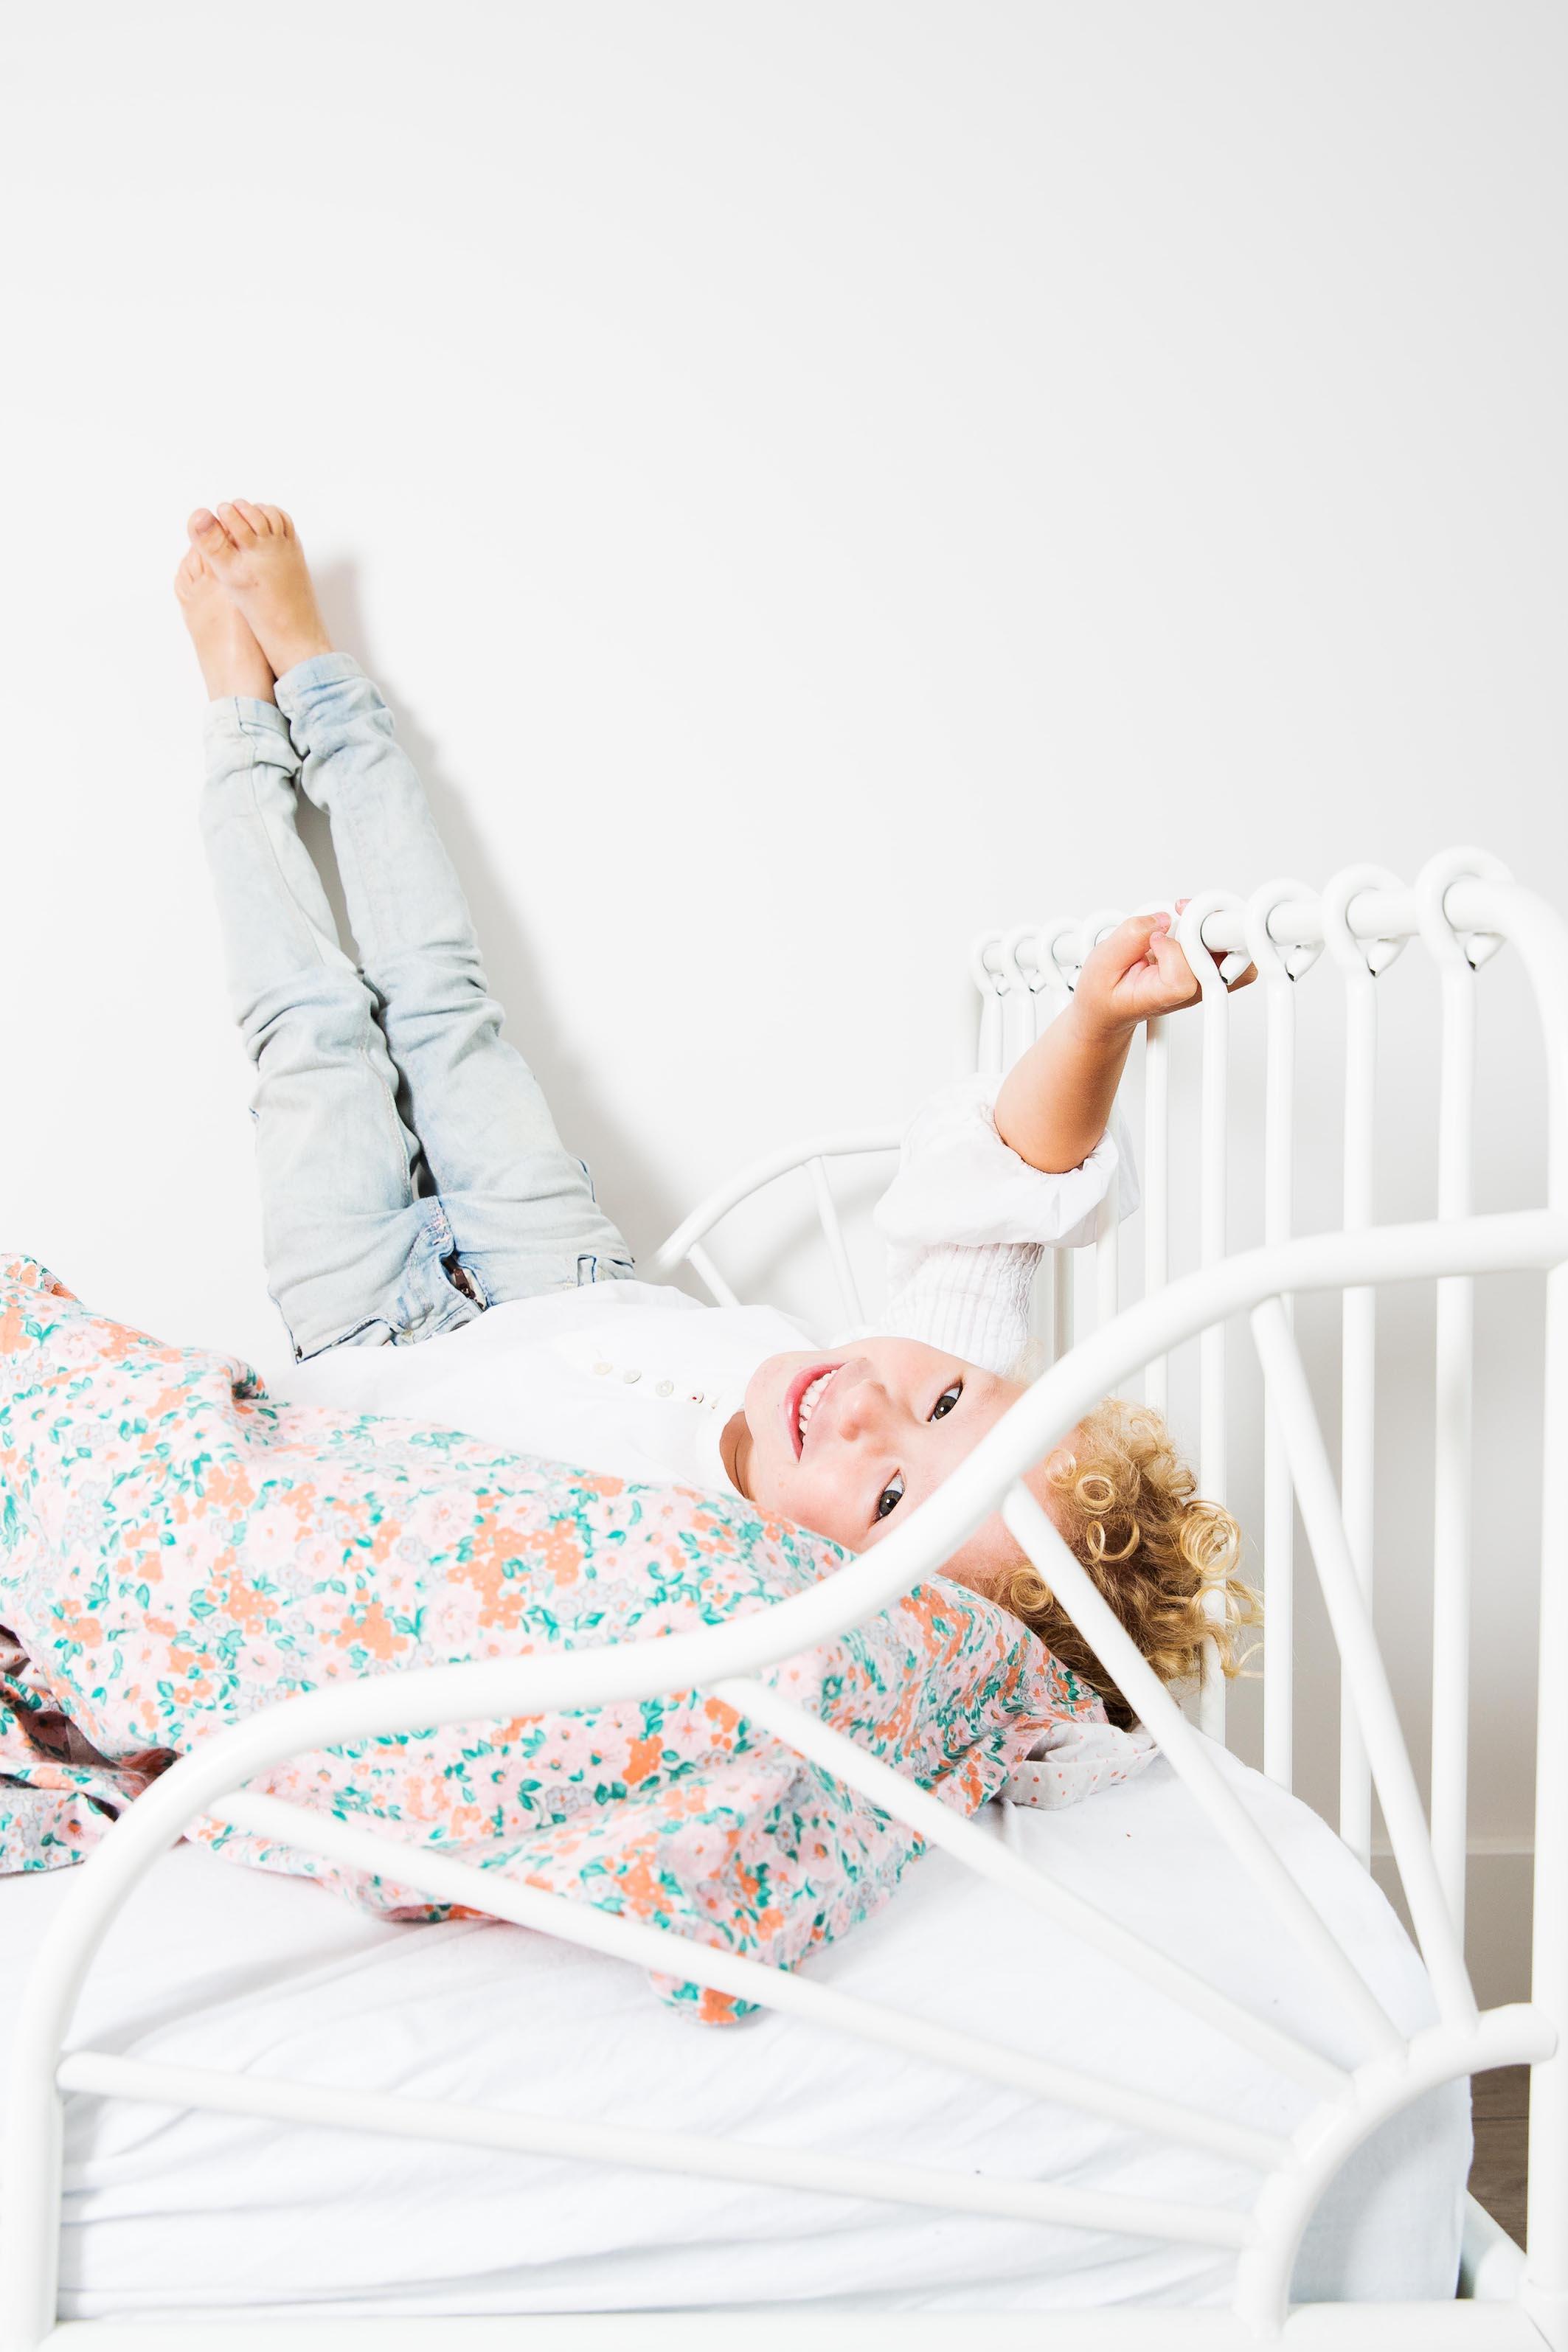 Baby shoot fotografie Rianne Veldman 7